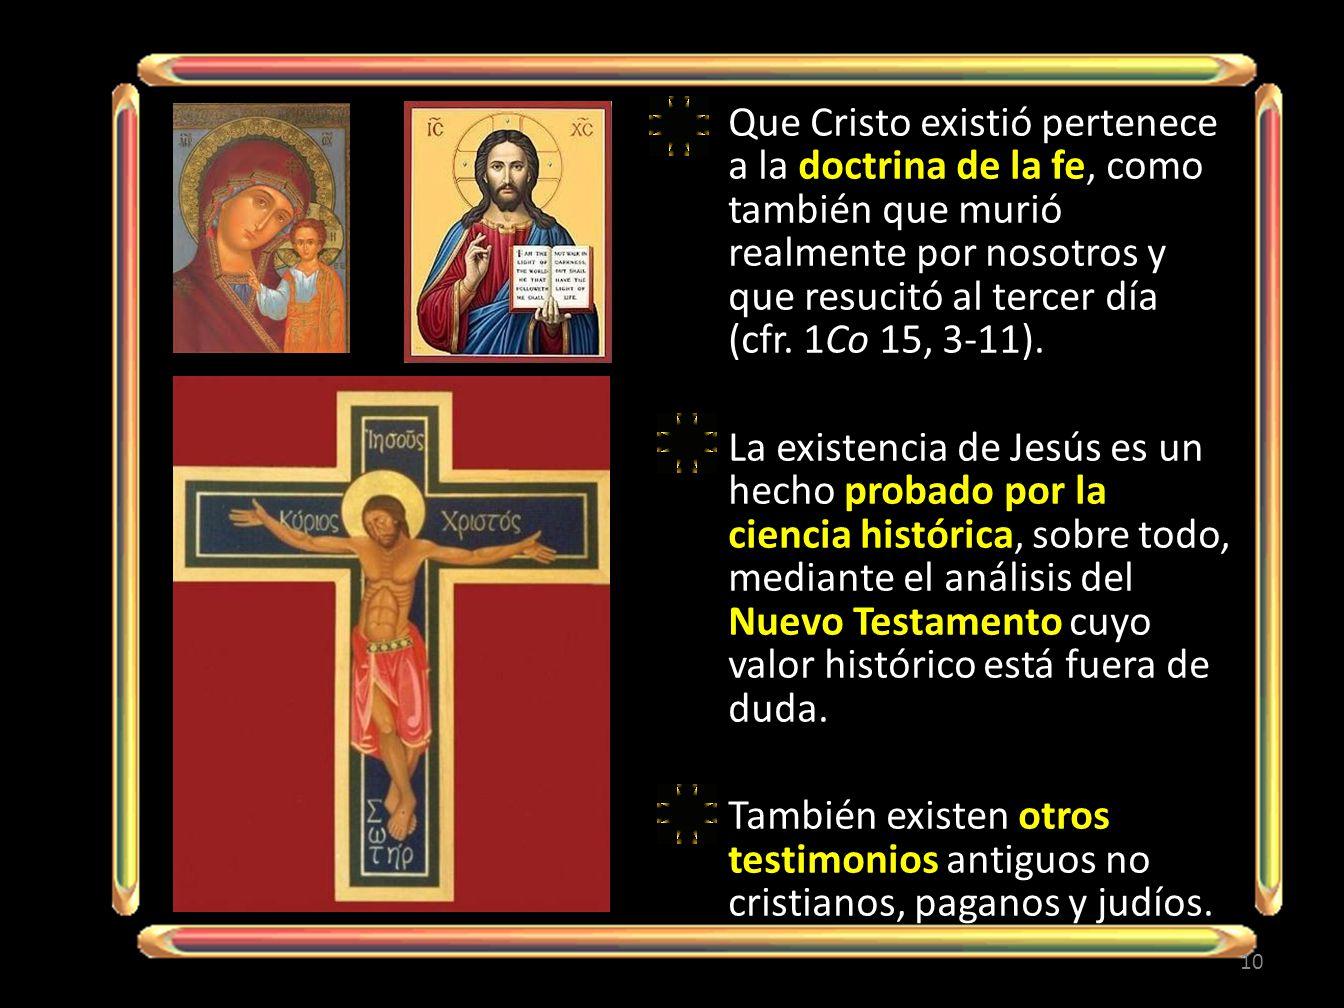 Que Cristo existió pertenece a la doctrina de la fe, como también que murió realmente por nosotros y que resucitó al tercer día (cfr. 1Co 15, 3-11).